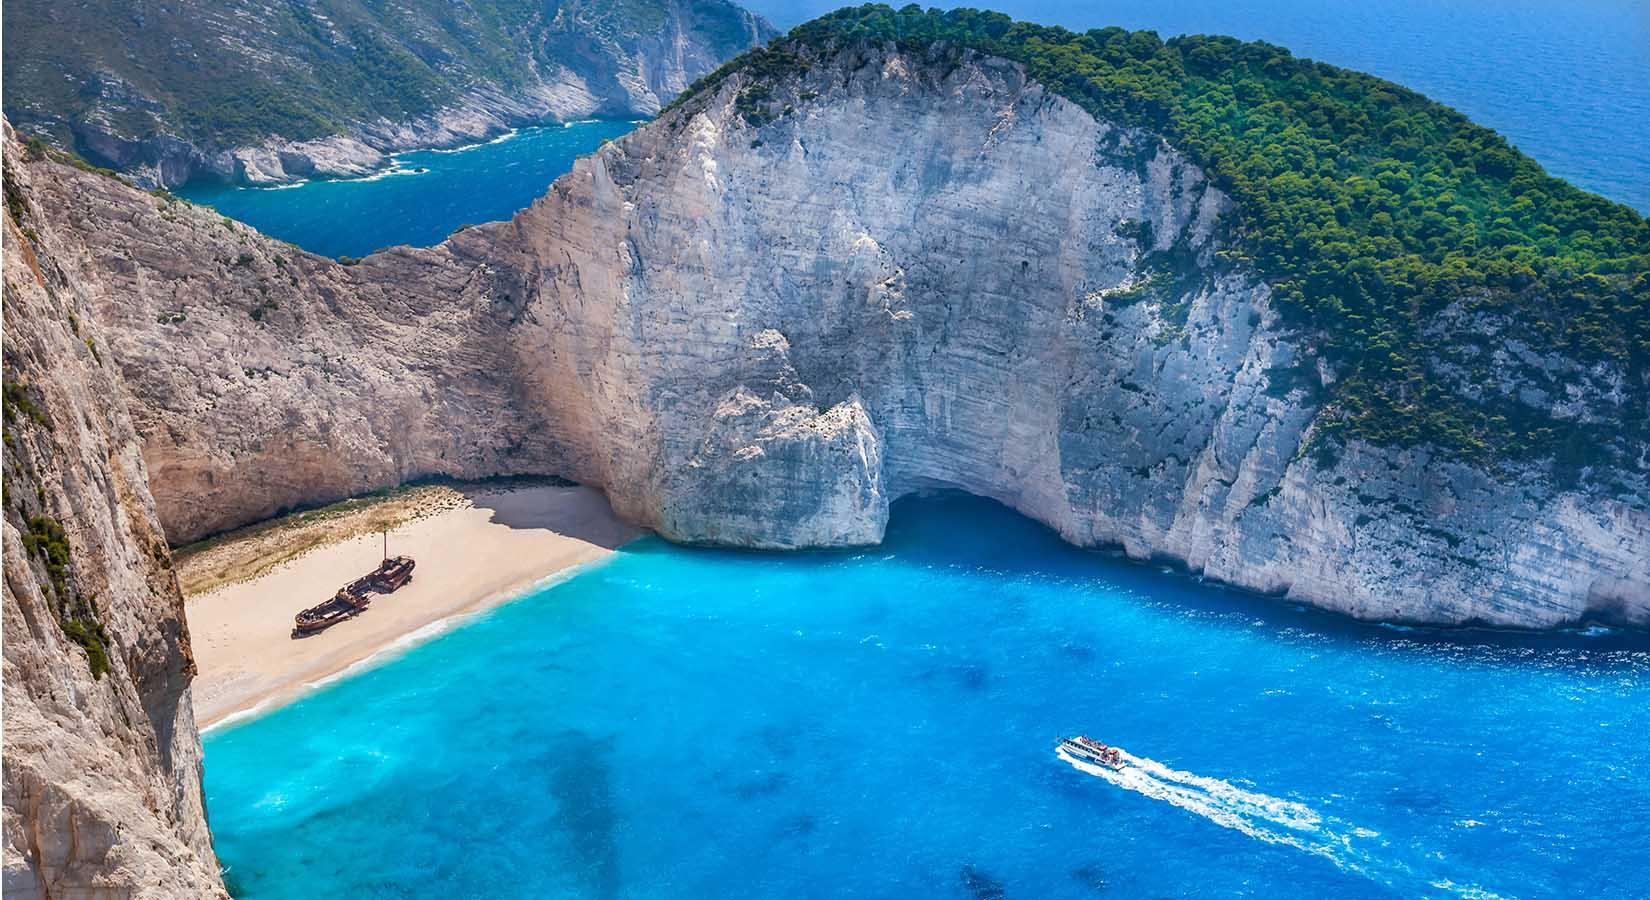 Zdjęcie wyspy zrobione dronem